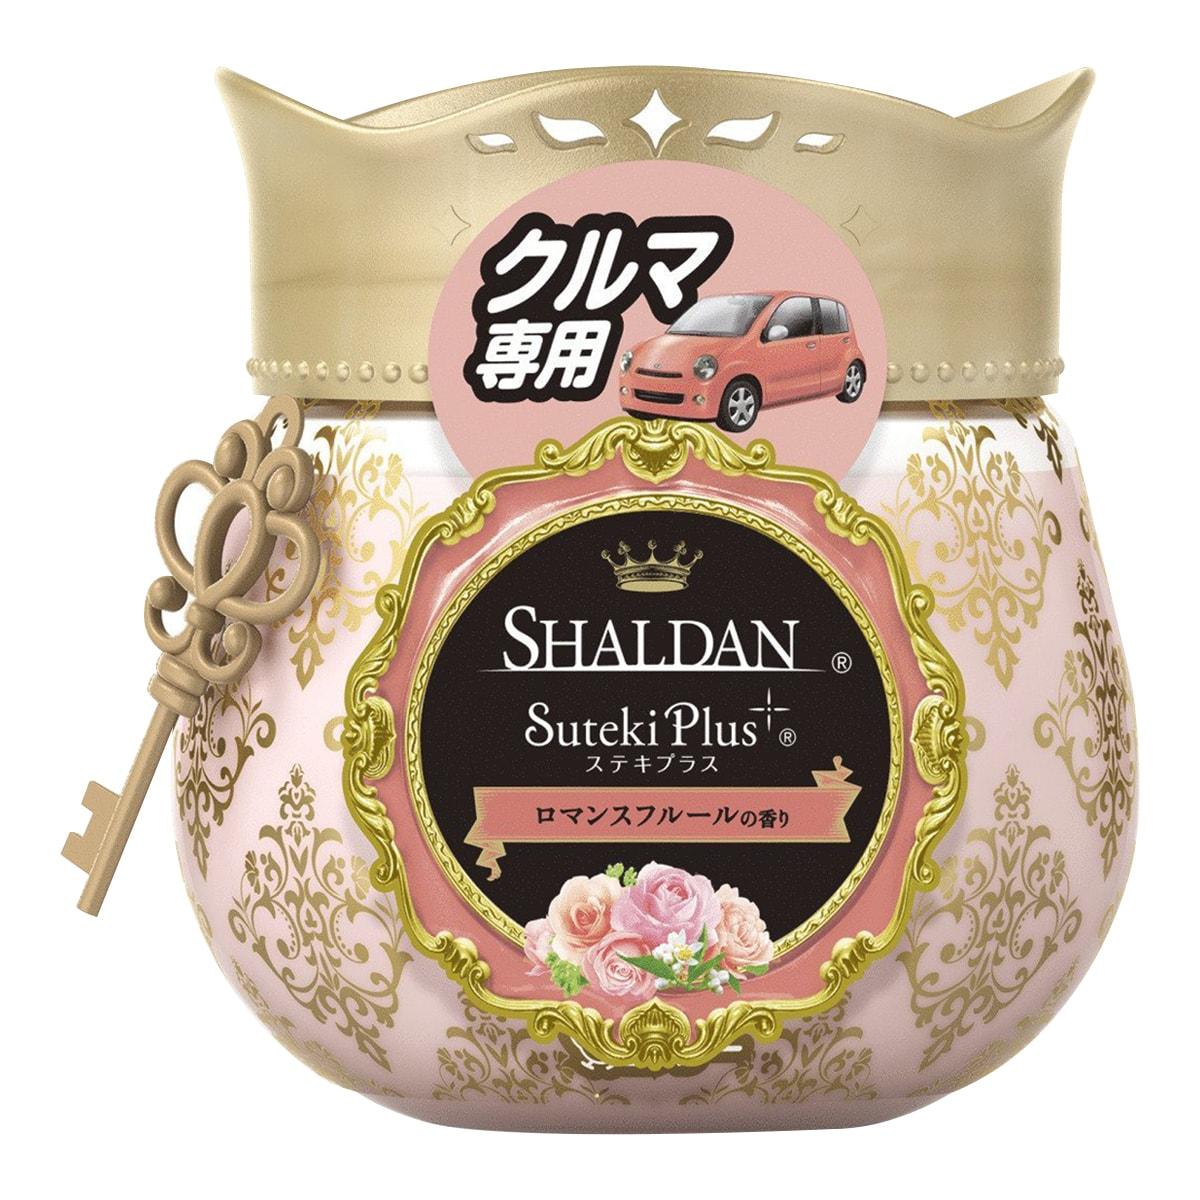 Yamibuy.com:Customer reviews:ST Shaldan Fragrance Air Freshener for Car #Romance Flower 90g